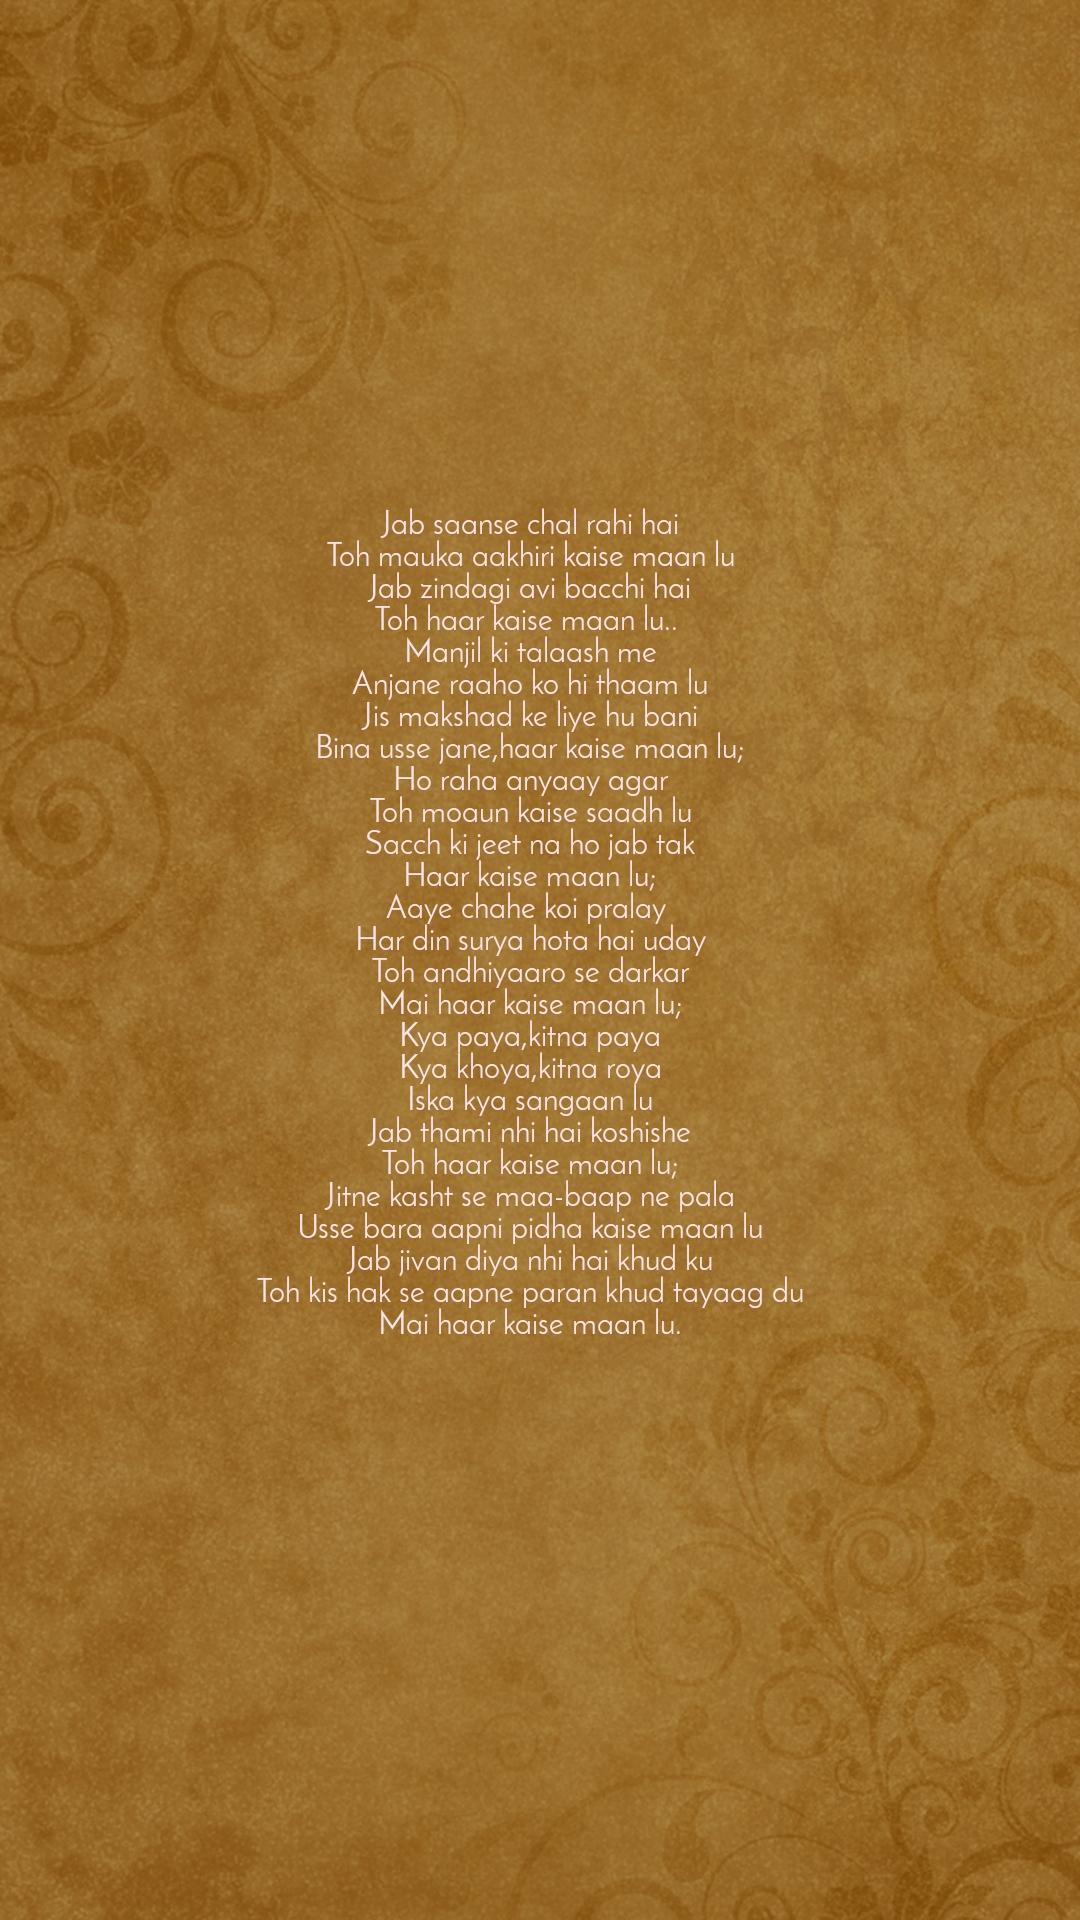 Jab saanse chal rahi hai Toh mauka aakhiri kaise maan lu Jab zindagi avi bacchi hai Toh haar kaise maan lu..  Manjil ki talaash me Anjane raaho ko hi thaam lu Jis makshad ke liye hu bani Bina usse jane,haar kaise maan lu; Ho raha anyaay agar Toh moaun kaise saadh lu Sacch ki jeet na ho jab tak Haar kaise maan lu; Aaye chahe koi pralay  Har din surya hota hai uday Toh andhiyaaro se darkar Mai haar kaise maan lu; Kya paya,kitna paya Kya khoya,kitna roya Iska kya sangaan lu Jab thami nhi hai koshishe Toh haar kaise maan lu; Jitne kasht se maa-baap ne pala Usse bara aapni pidha kaise maan lu Jab jivan diya nhi hai khud ku Toh kis hak se aapne paran khud tayaag du Mai haar kaise maan lu.